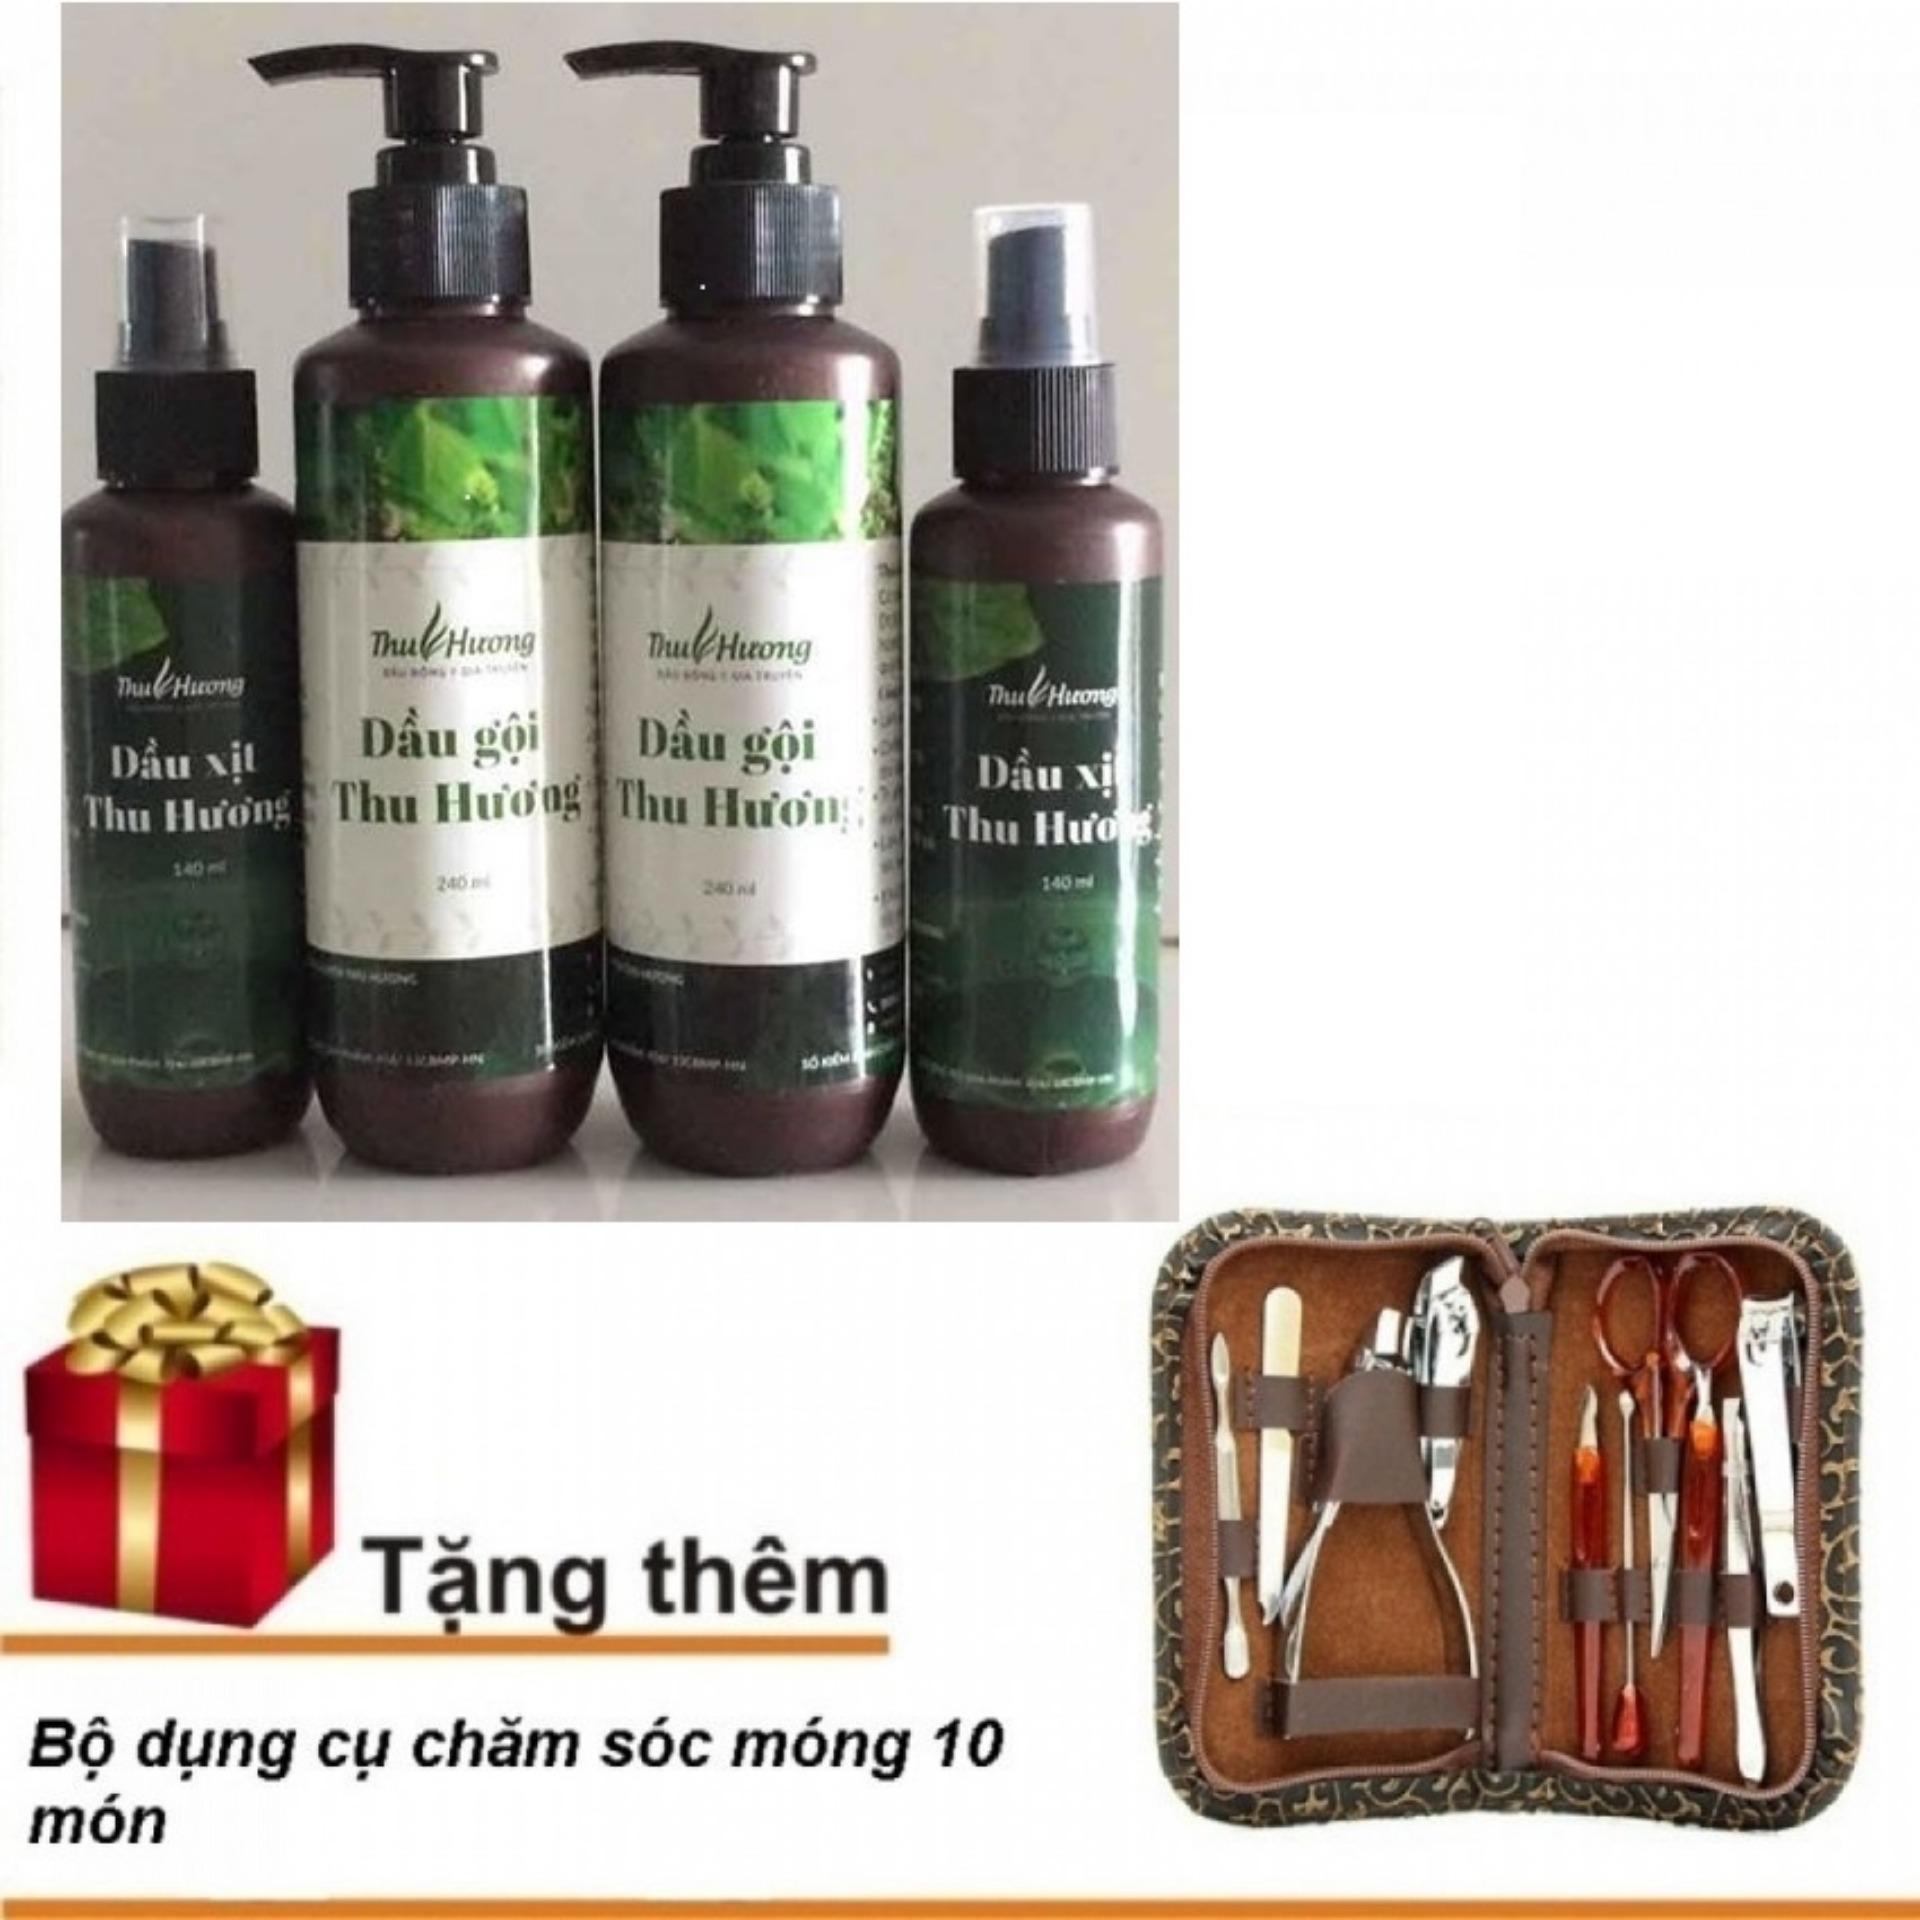 Bộ 2 Dầu gội và 2 dầu xịt đặc trị rụng tóc và bạc tóc Thu Hương + Tặng bộ chăm sóc móng 10 món